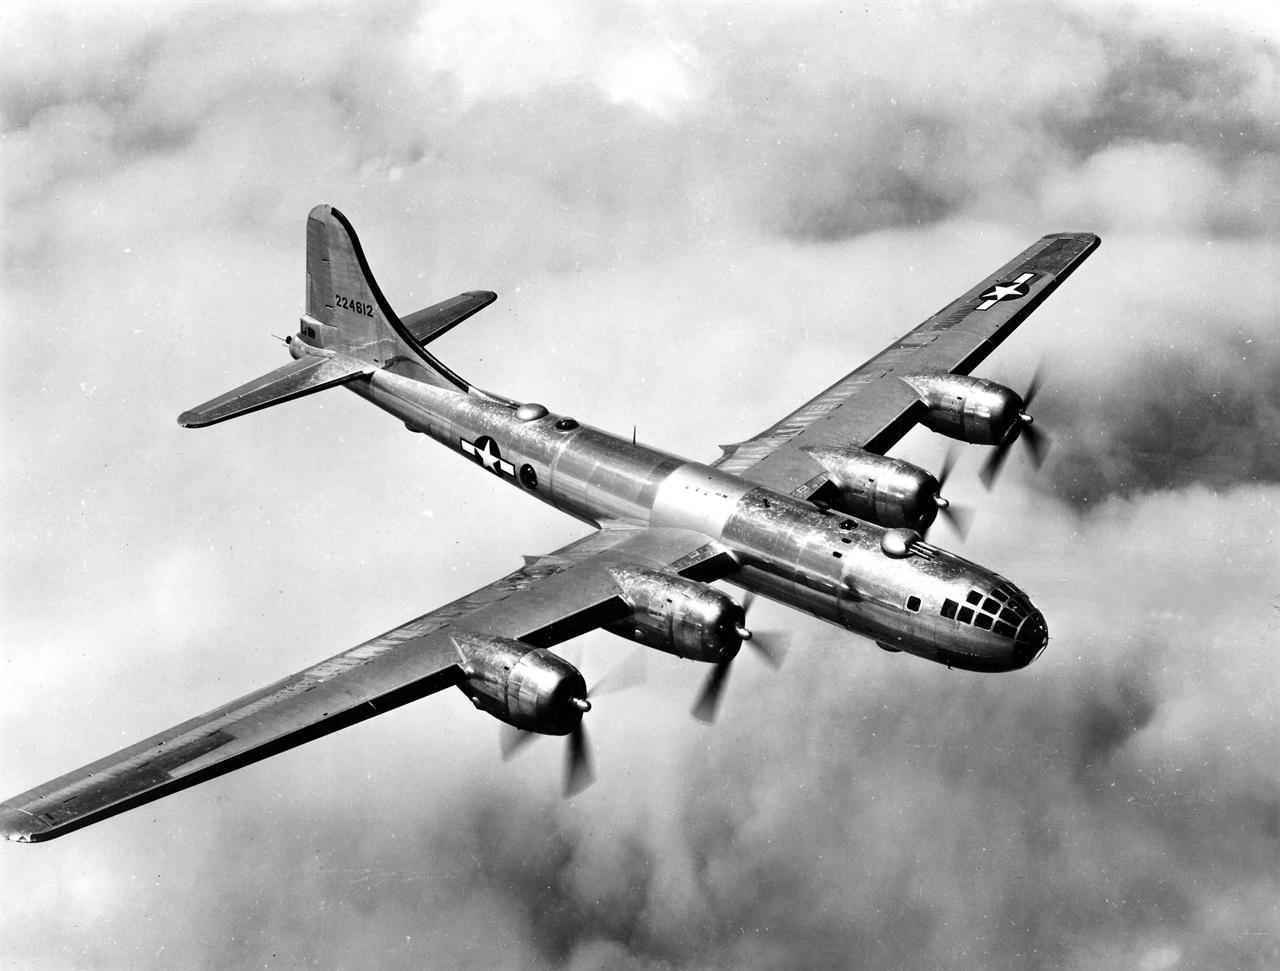 비행중인 B-29 태평양전쟁 당시 미 육군 항공대 소속으로 일본 본토 폭격에 동원됐던 B-29는 히로시마와 나가사키에 원자폭탄을 투하한 기체이기도 하다. 한국전쟁 때는 미 극동공군 폭격기 사령부 소속으로 작전을 수행했다. 용산 대폭격을 수행한 기체도 B-29다.